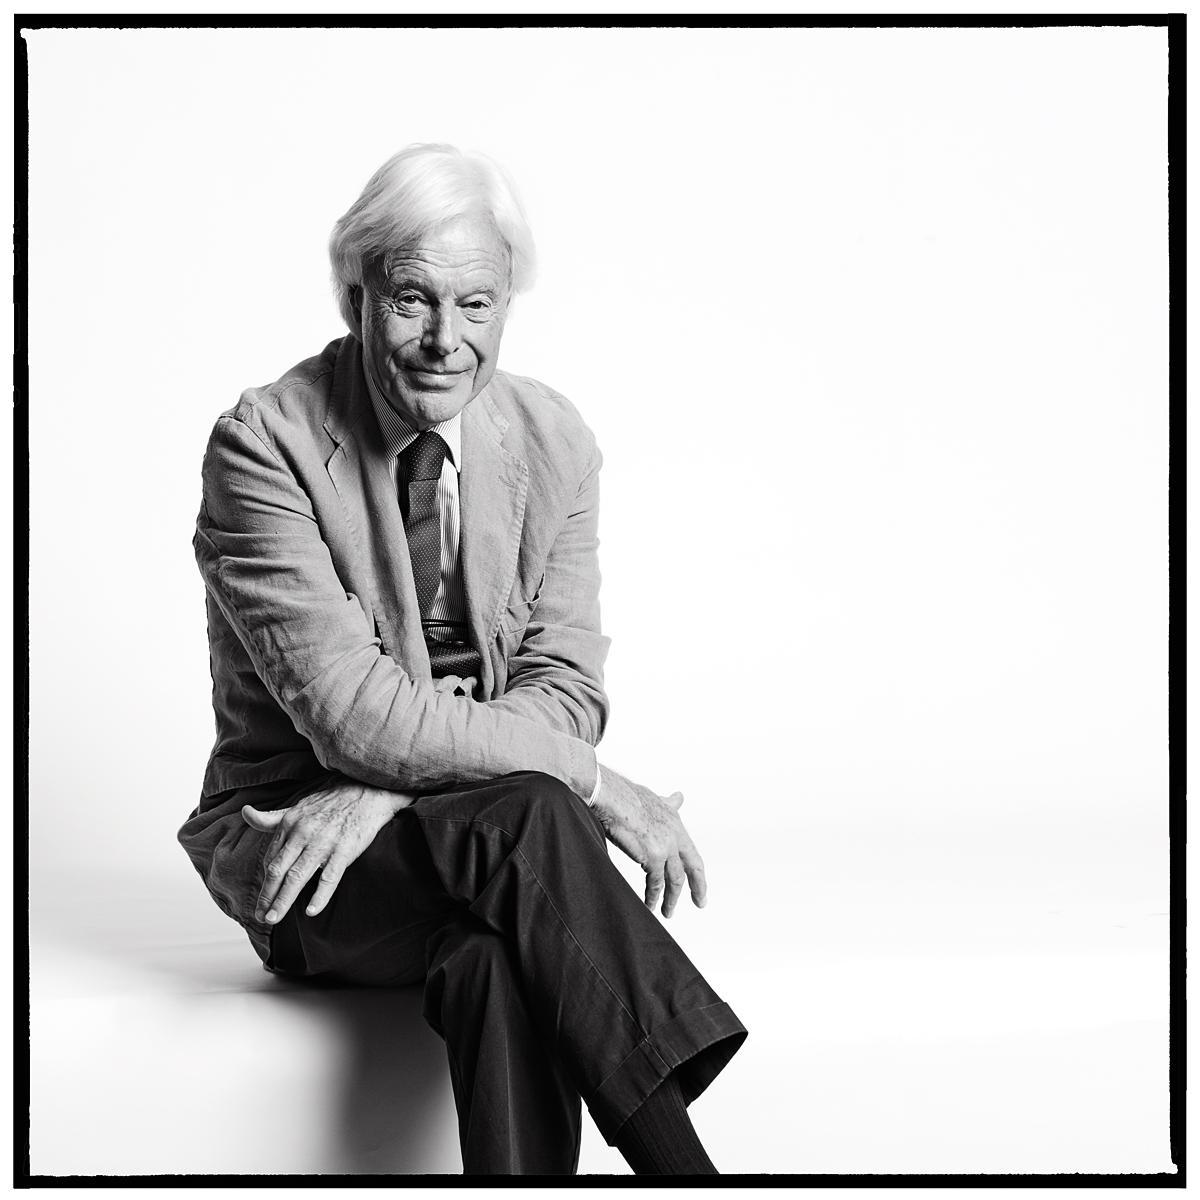 Portrait of David Abbott, Founder of Abbott Mead Vickers by Julian Hanford